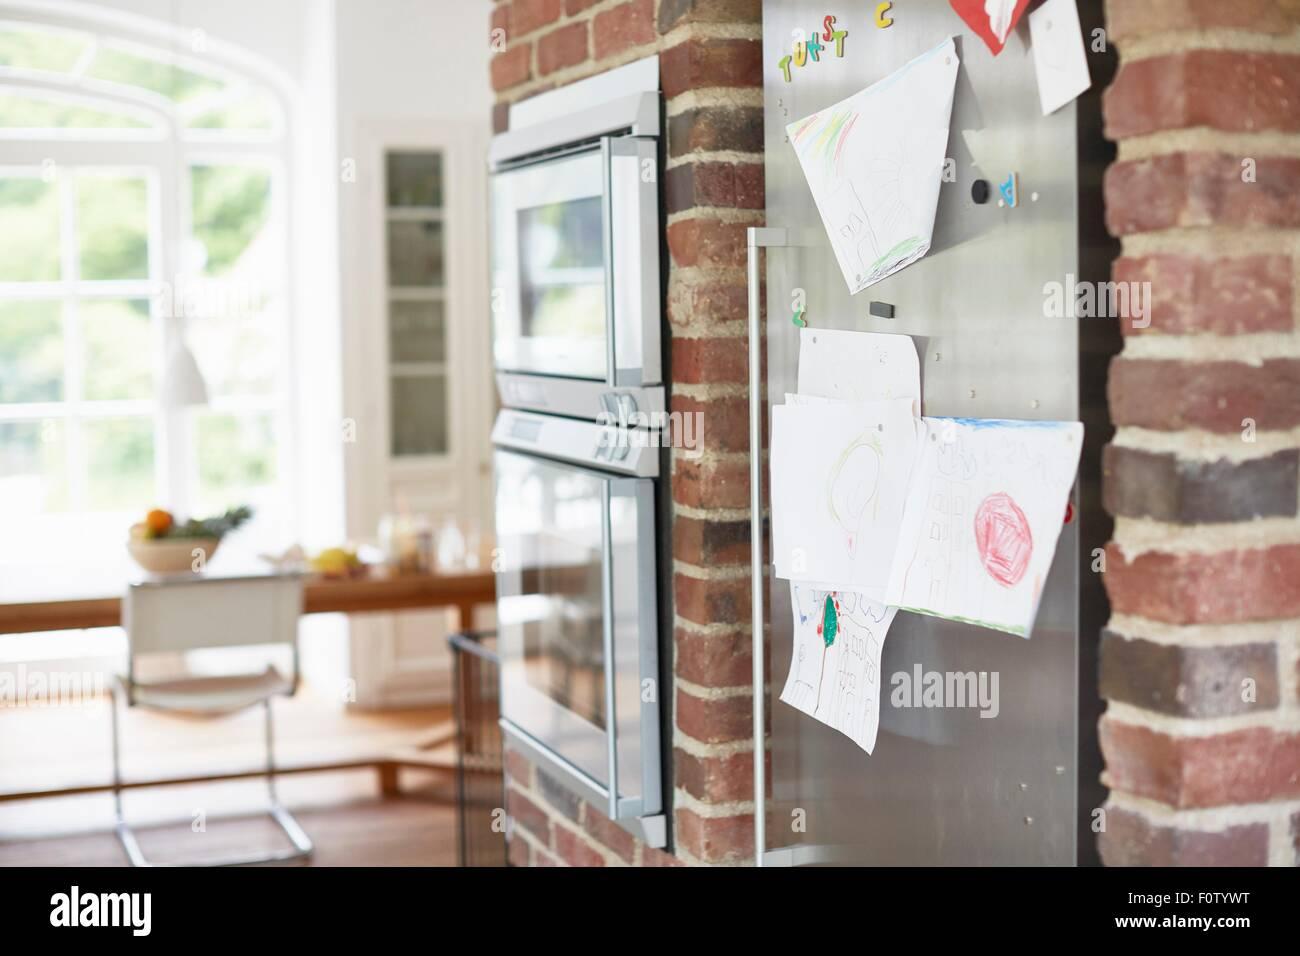 Dibujos infantiles pegada en la puerta del frigorífico Imagen De Stock